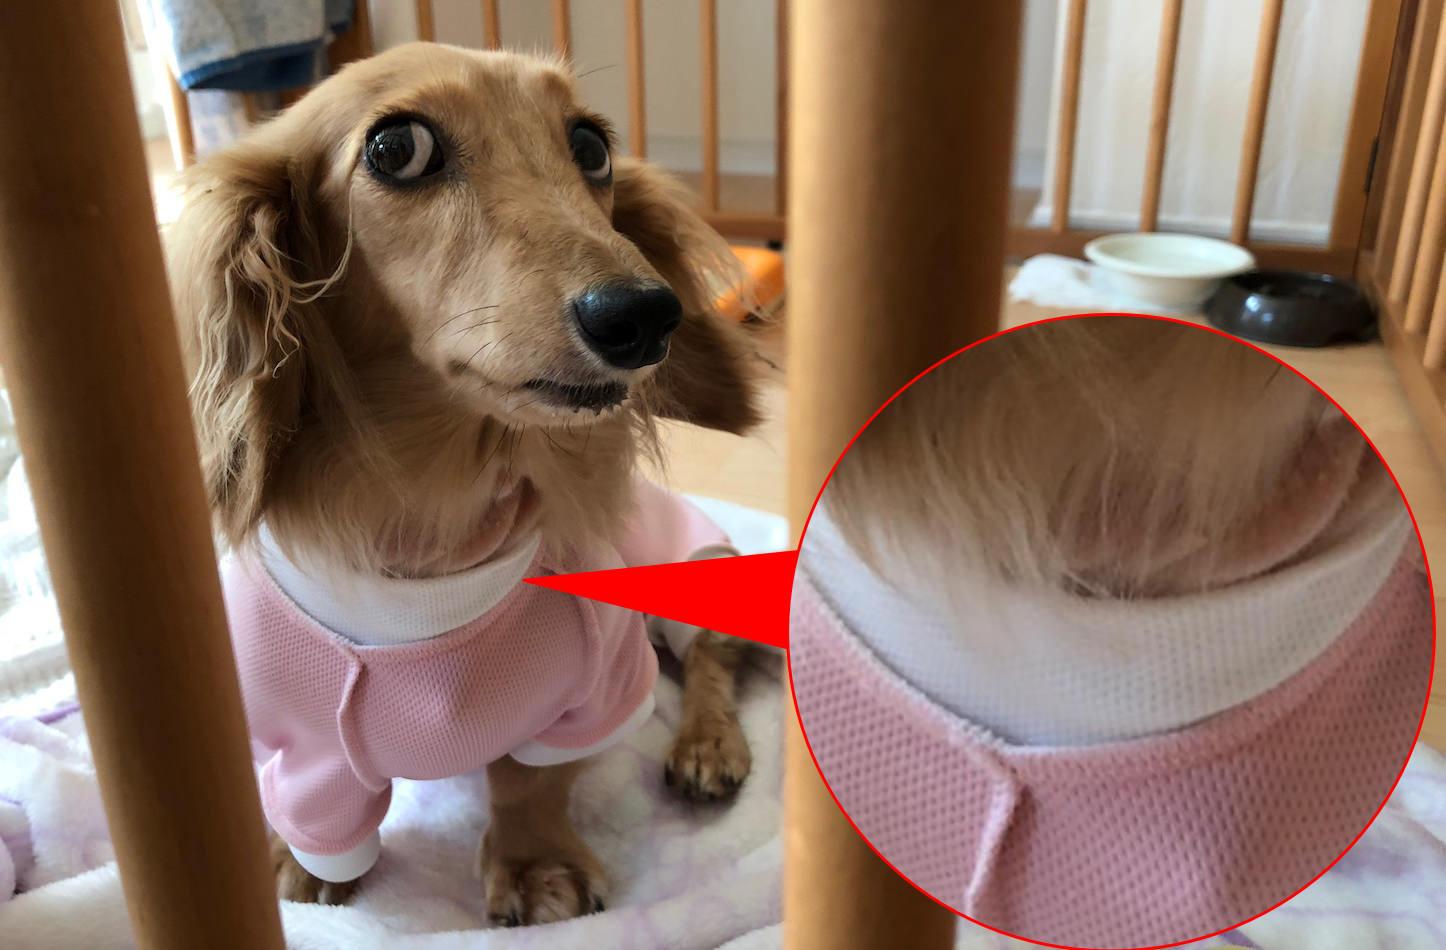 Dog-comparison-iPhone8Plus.jpg